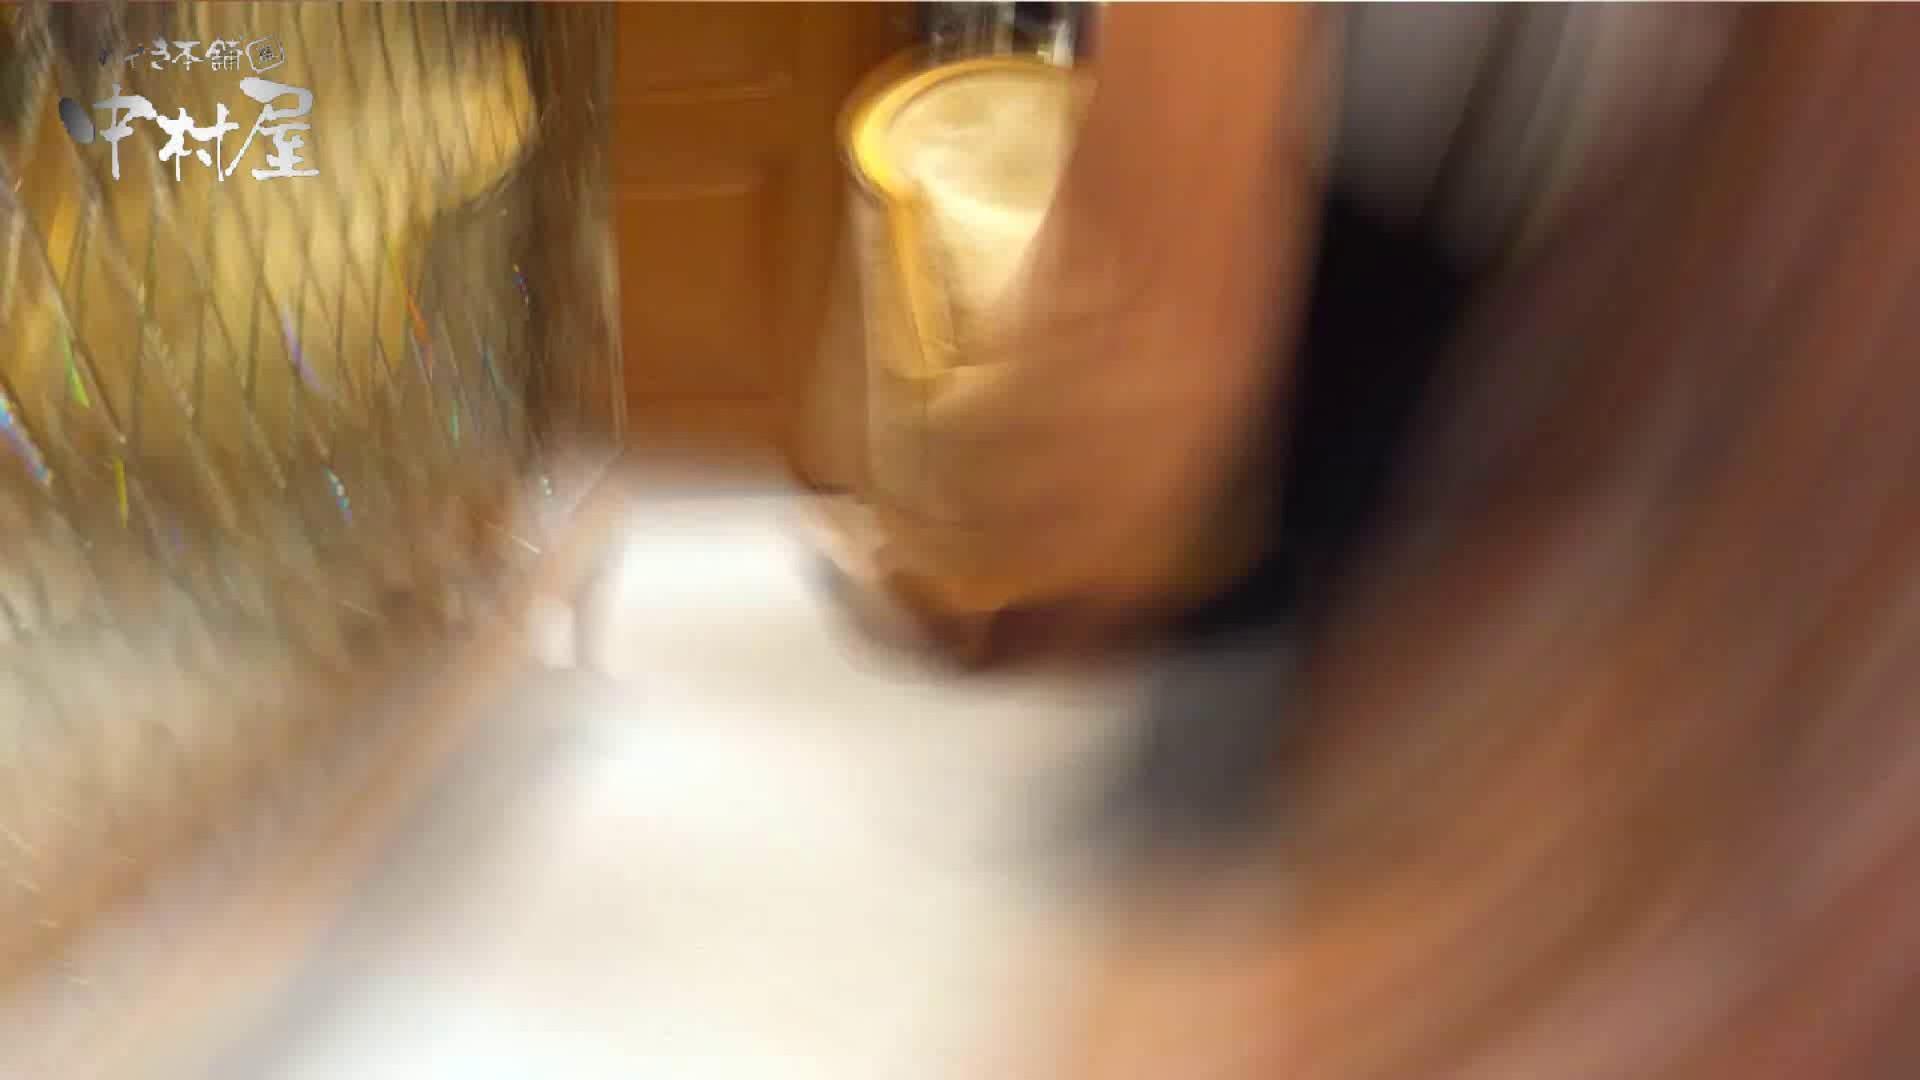 vol.43 可愛いカリスマ店員限定‼胸チラ&パンチラ 美脚おねーさんの胸元ゲット! チラ  86画像 78